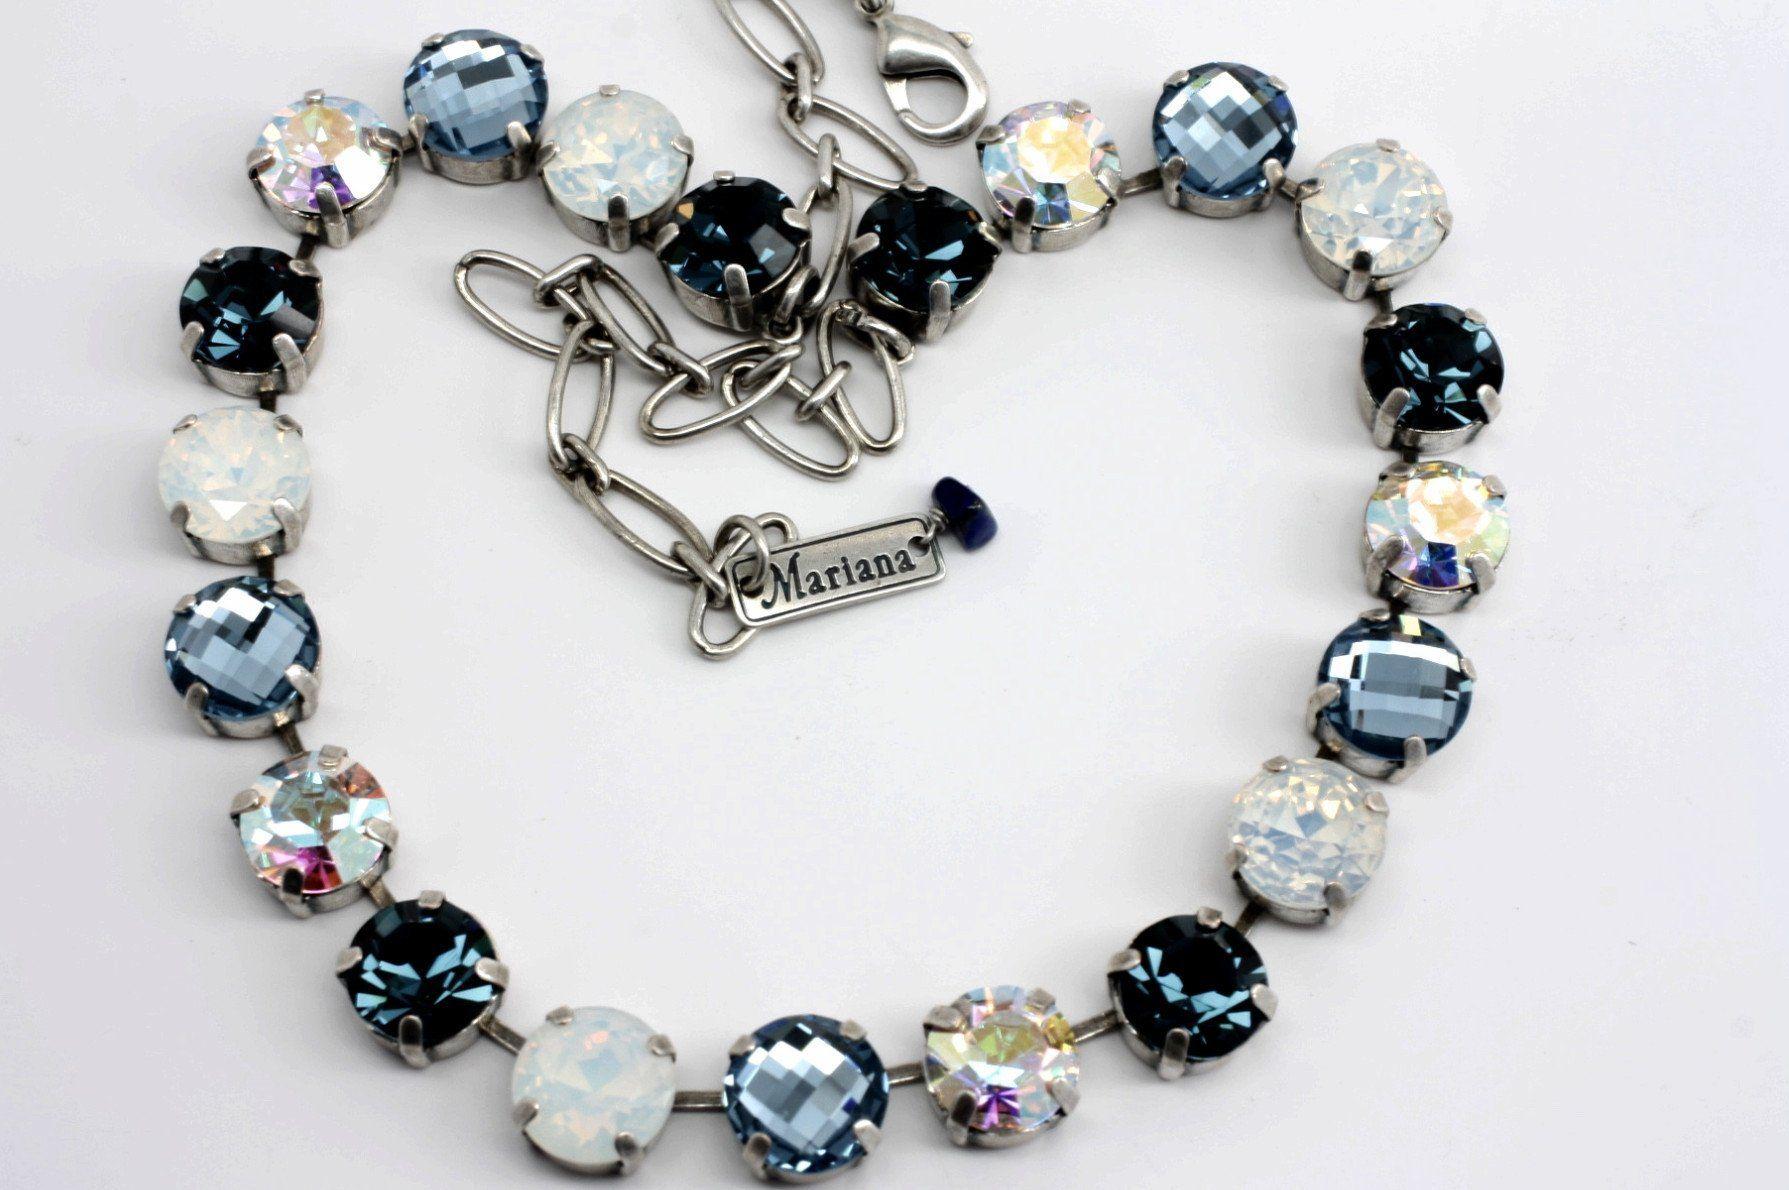 Mood Indigo Large Crystal Necklace